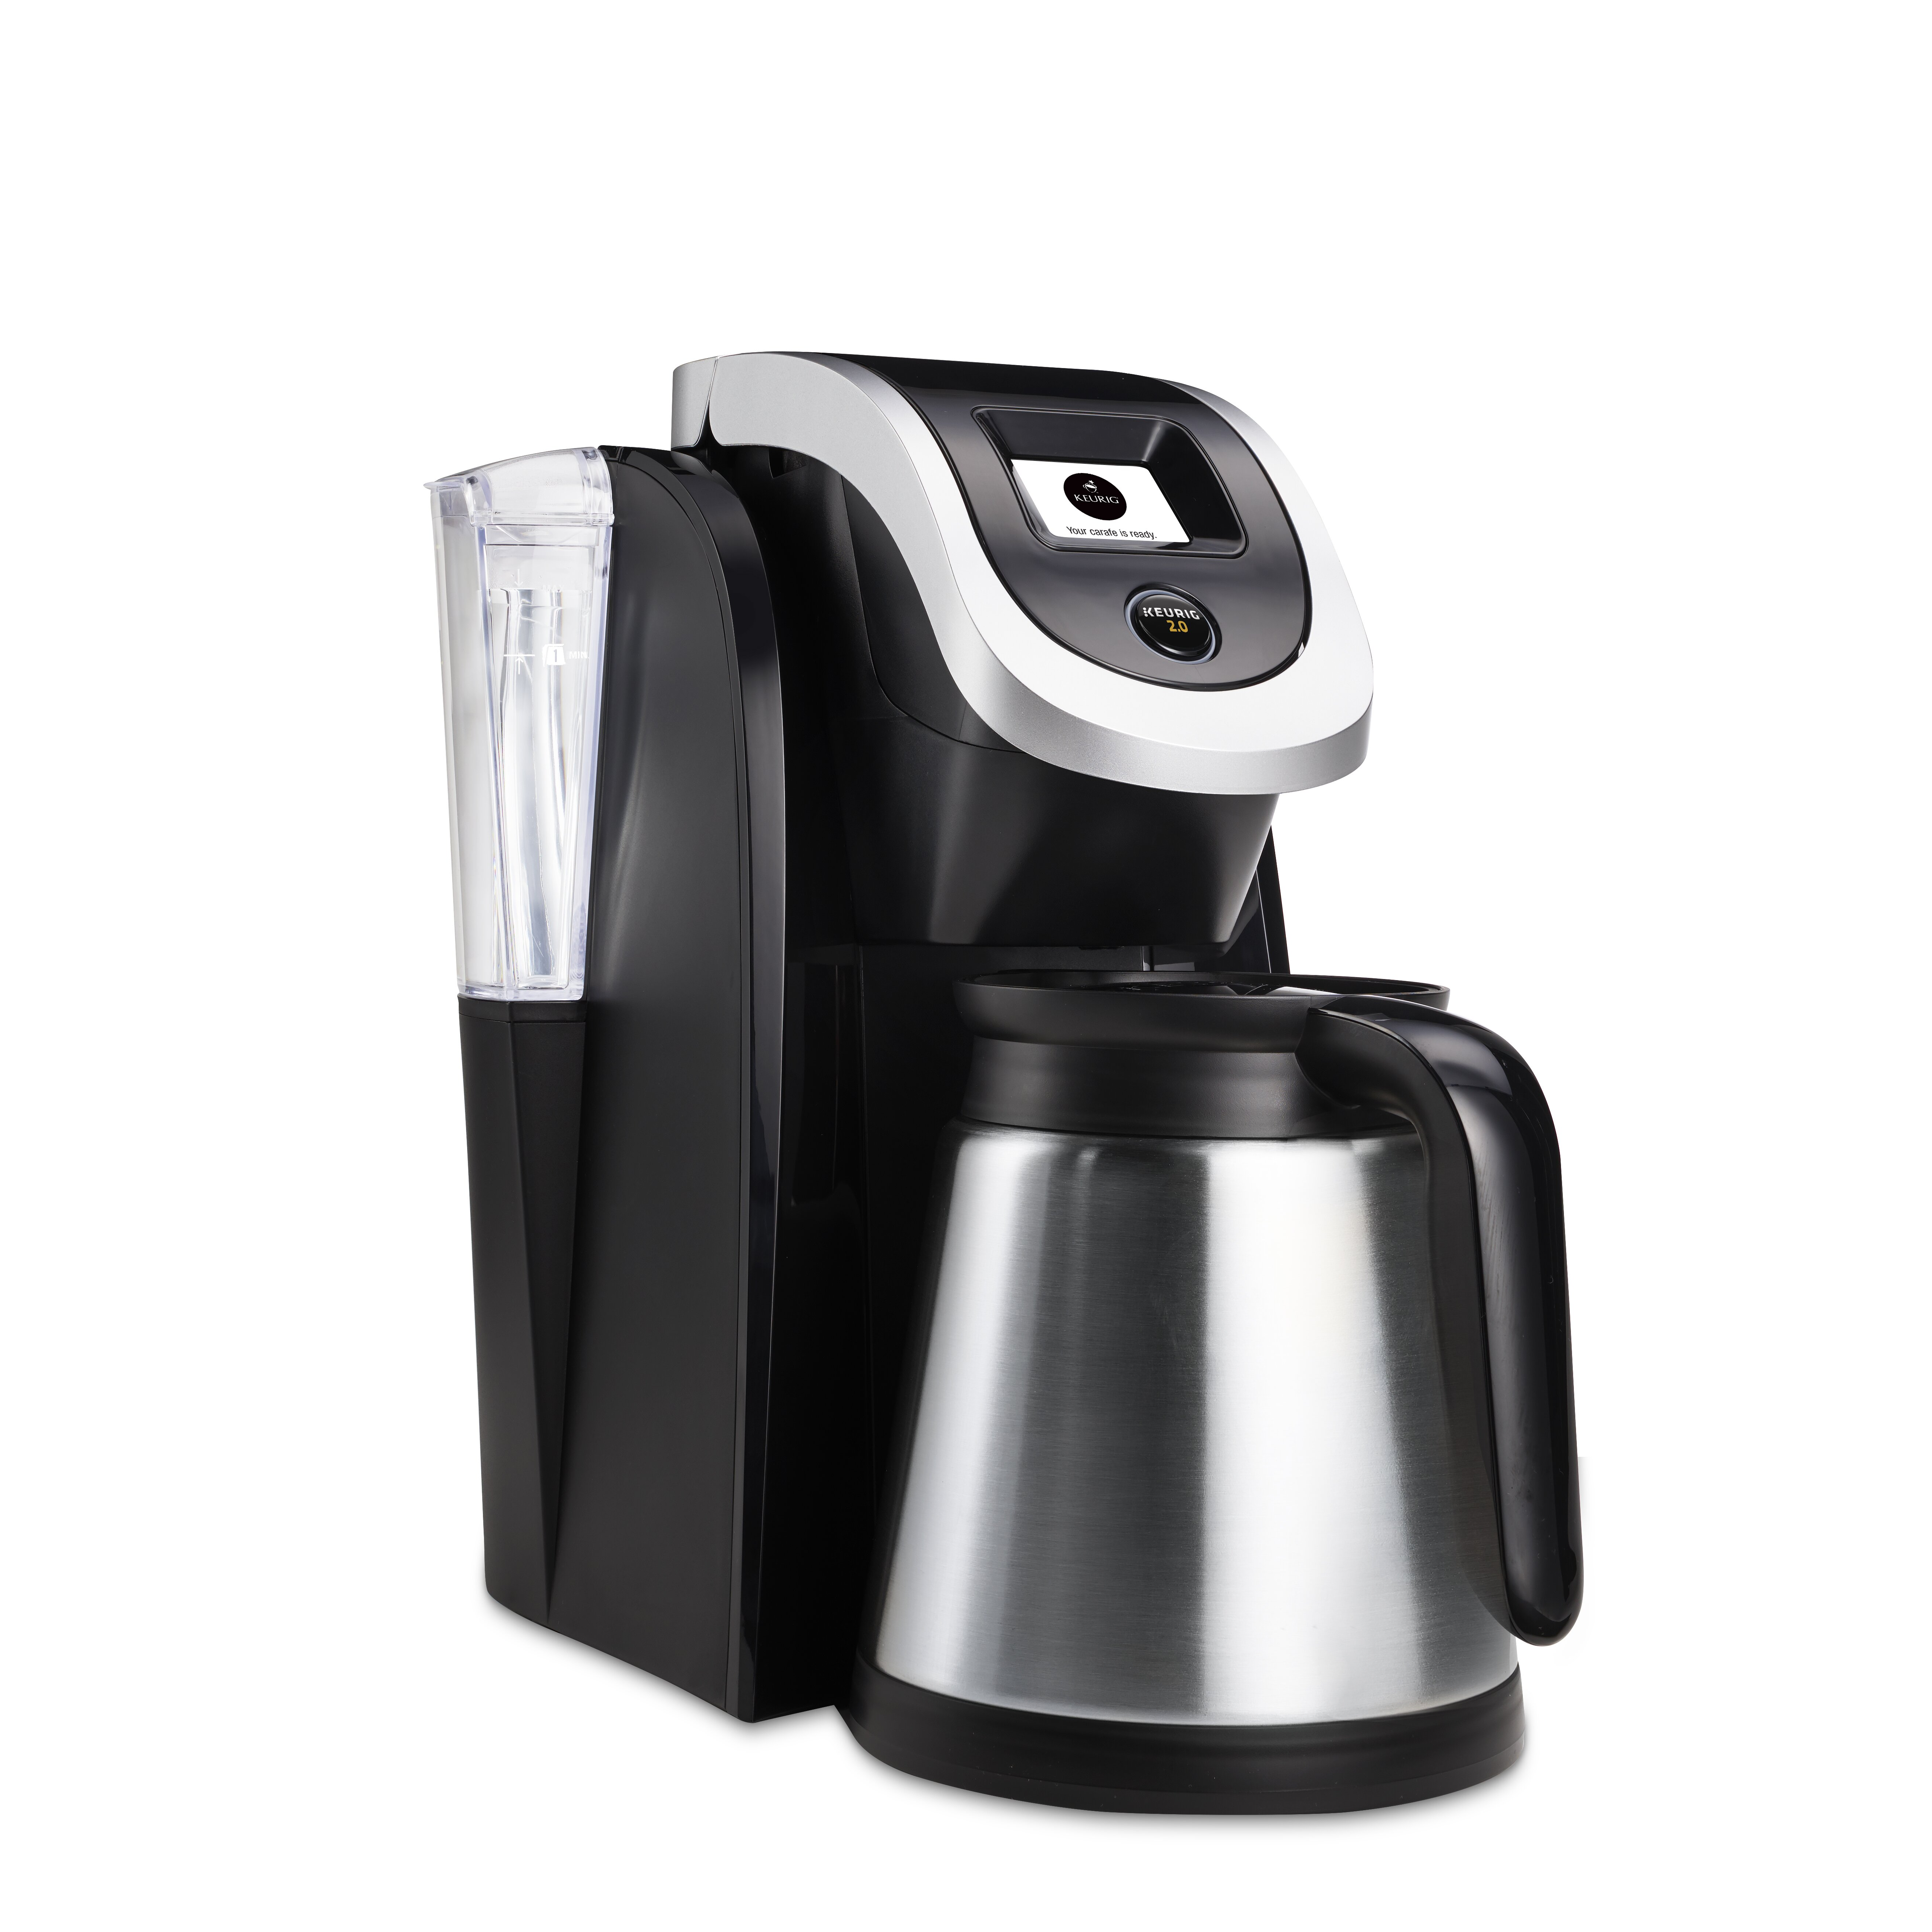 Keurig k250 brewer coffee maker reviews wayfair for Keurig coffee maker